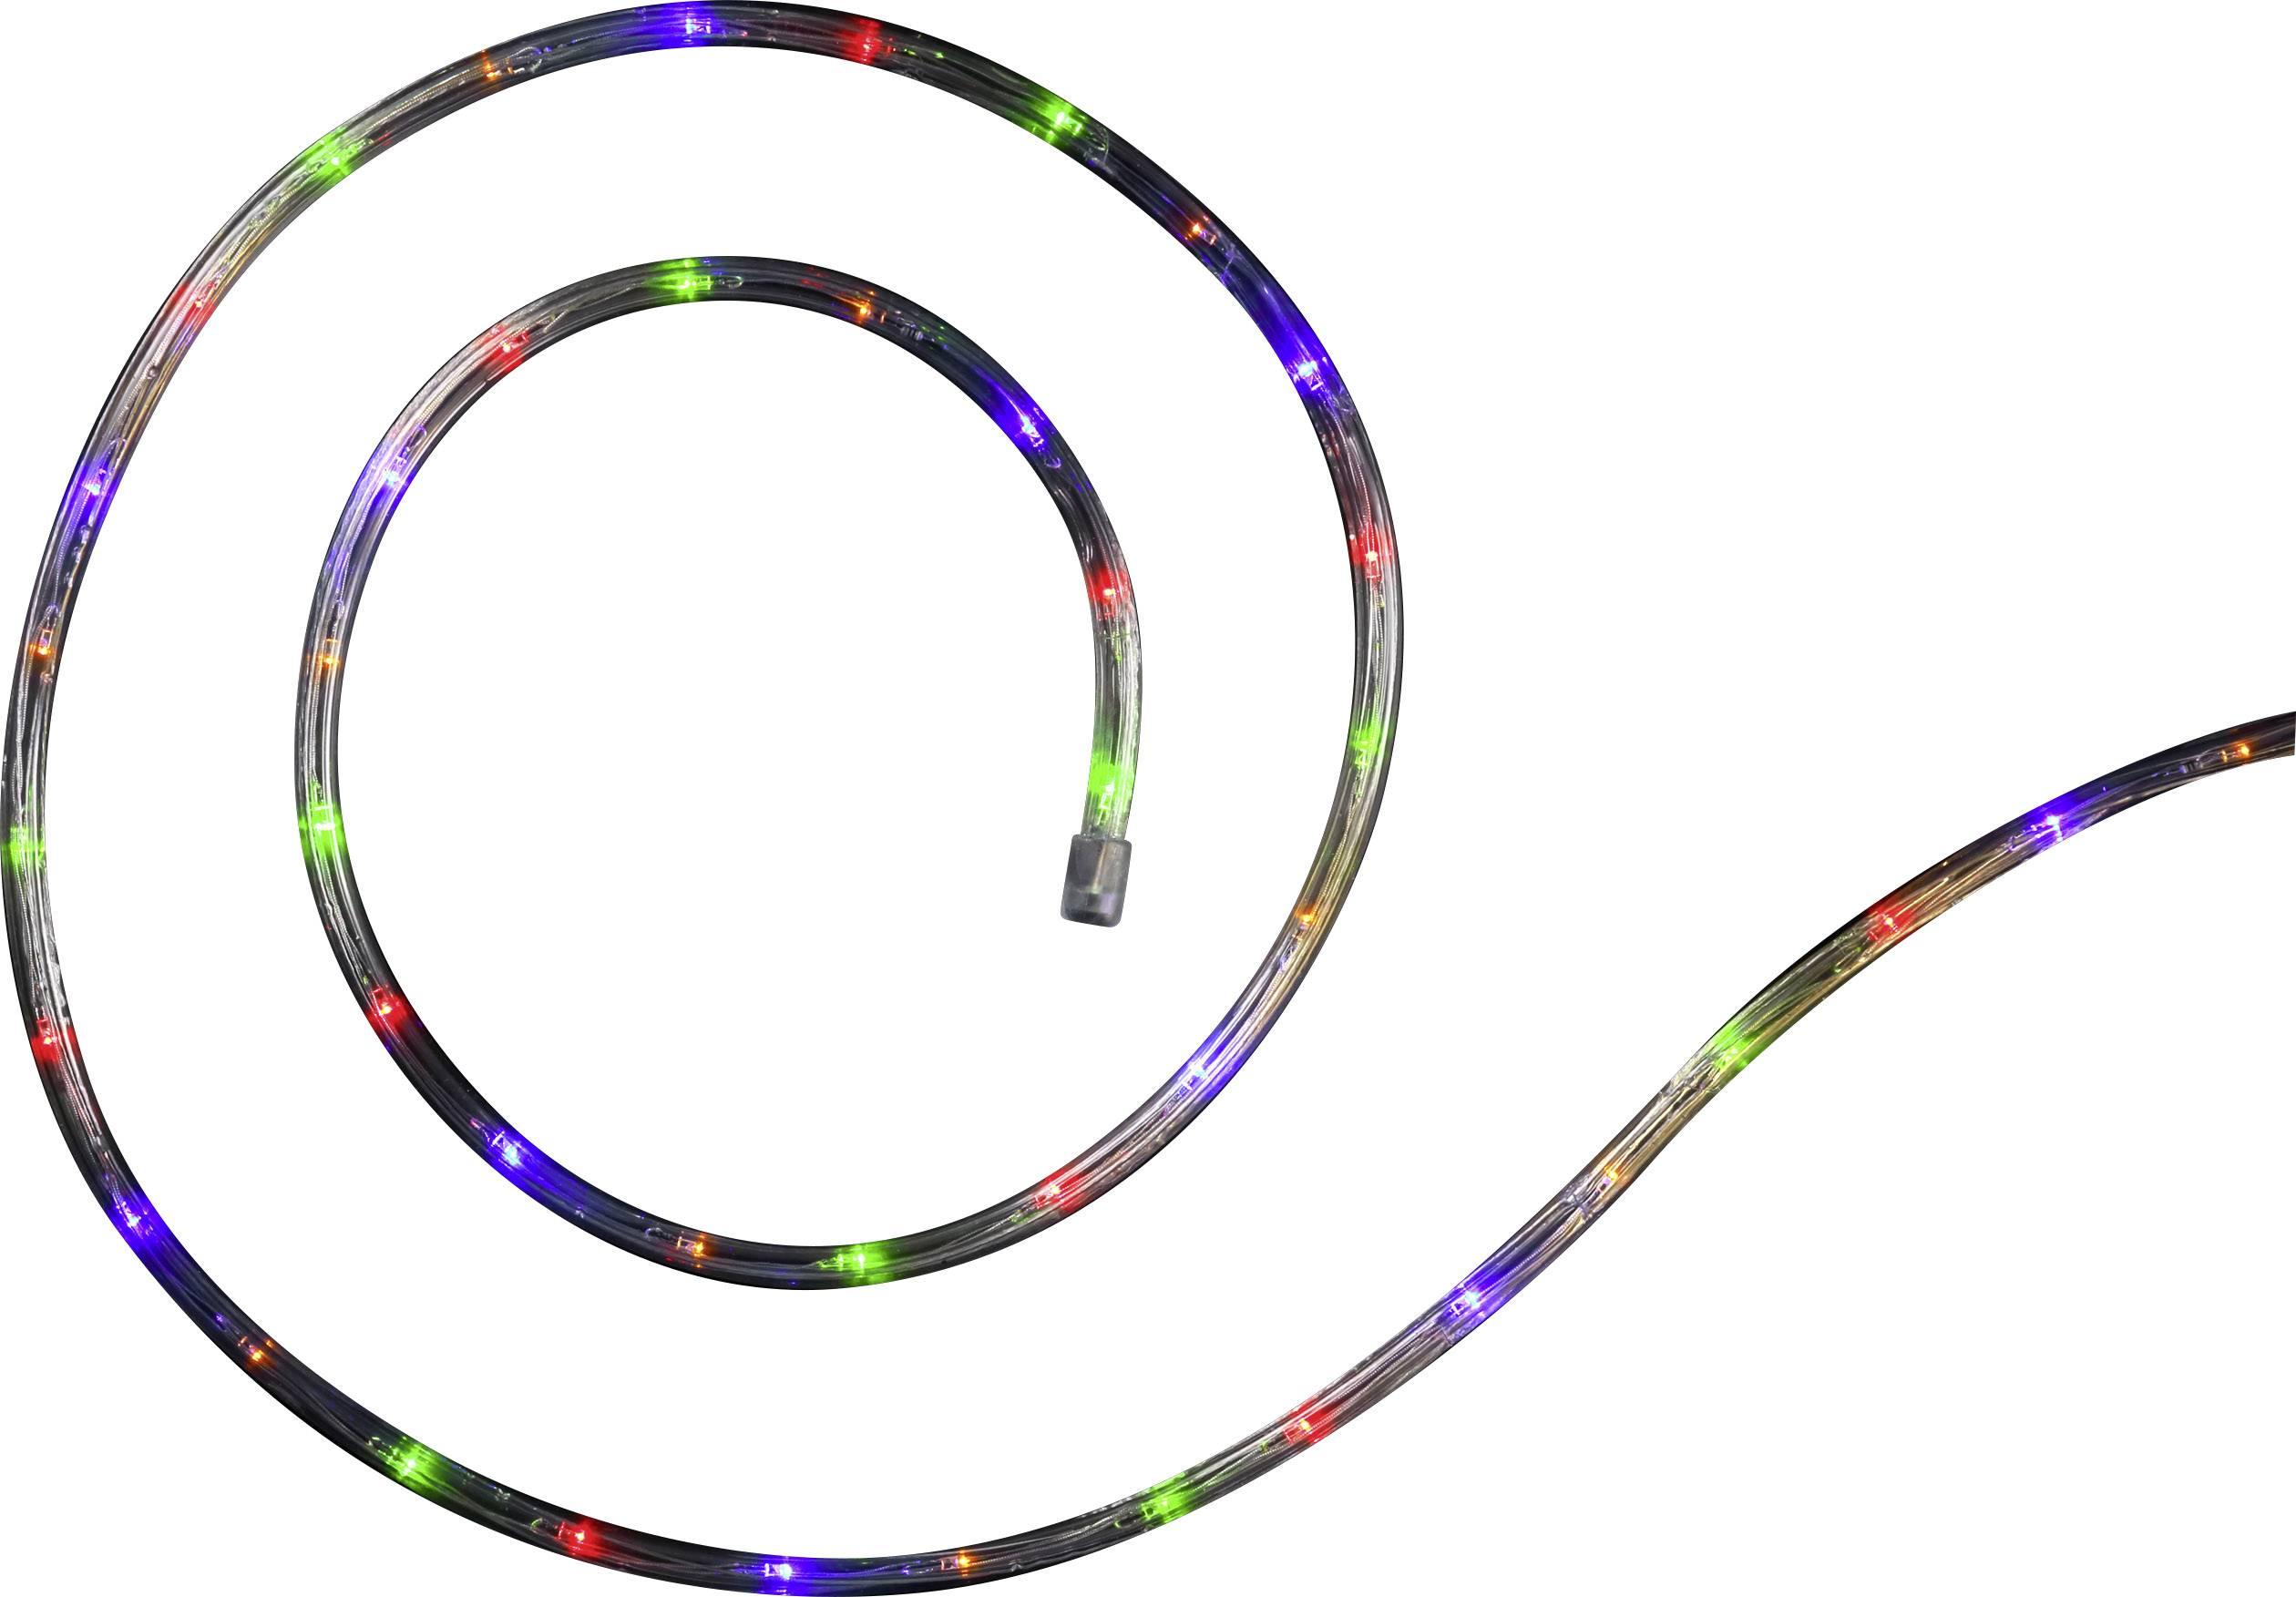 LED solární světelná hadice Polarlite venkovní, solární napájení, LED 120, vícebarevná, 7 m